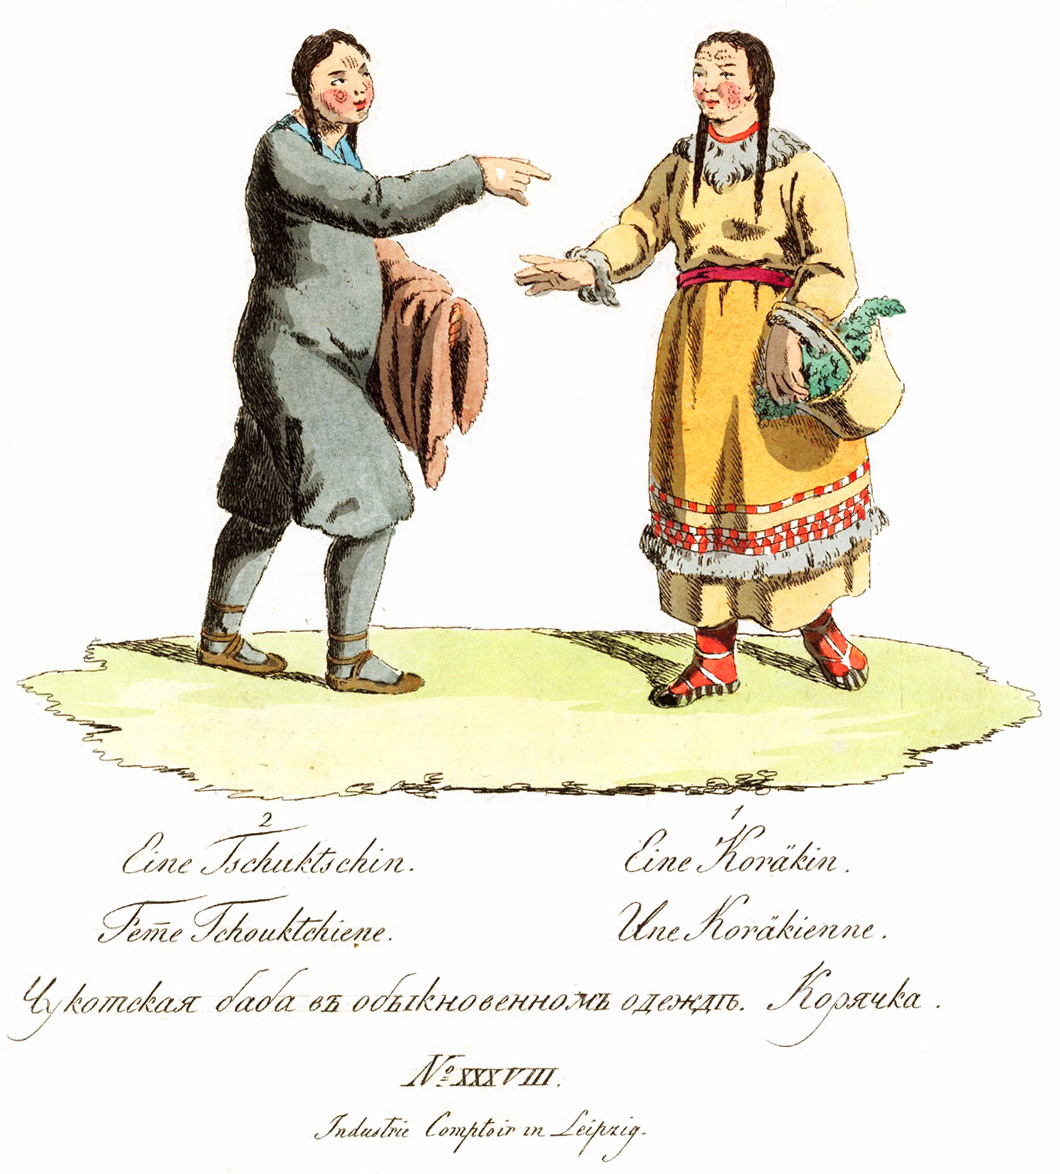 38. Чукотская баба в обыкновенной одежде. Корячка.